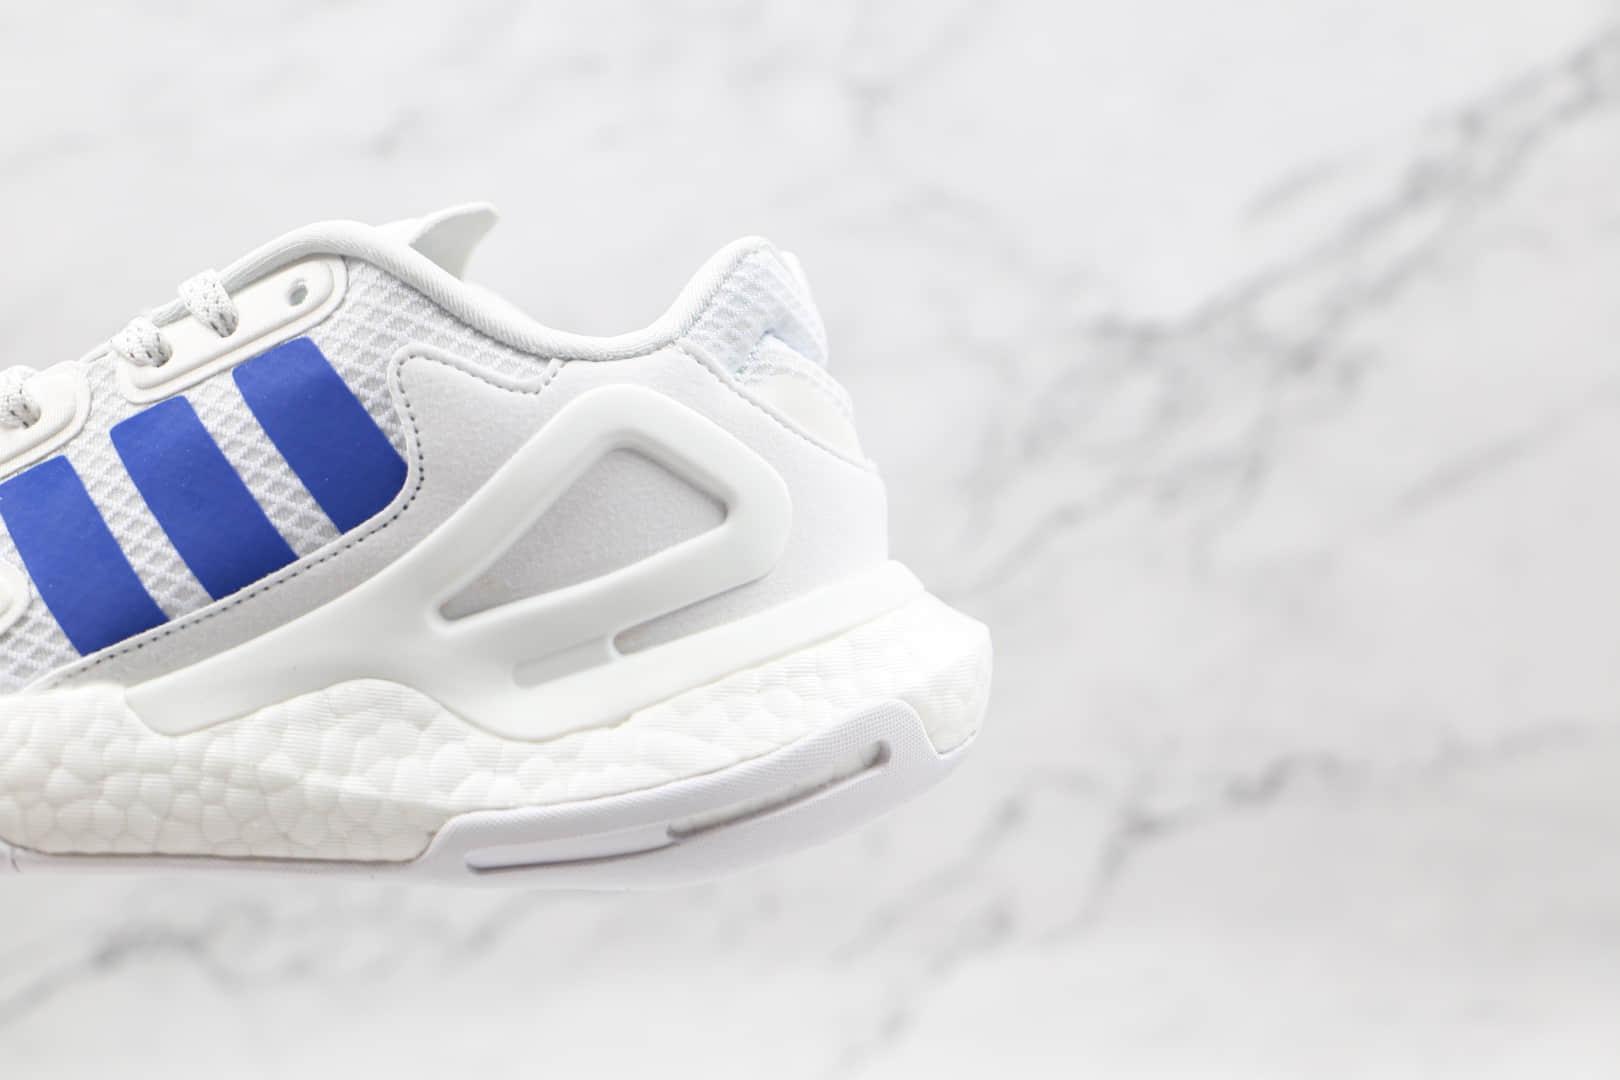 阿迪达斯Adidas Day Jogger 2020 Boost纯原版本夜行者二代白蓝色网面爆米花跑鞋原楦头纸板打造 货号:FW3021